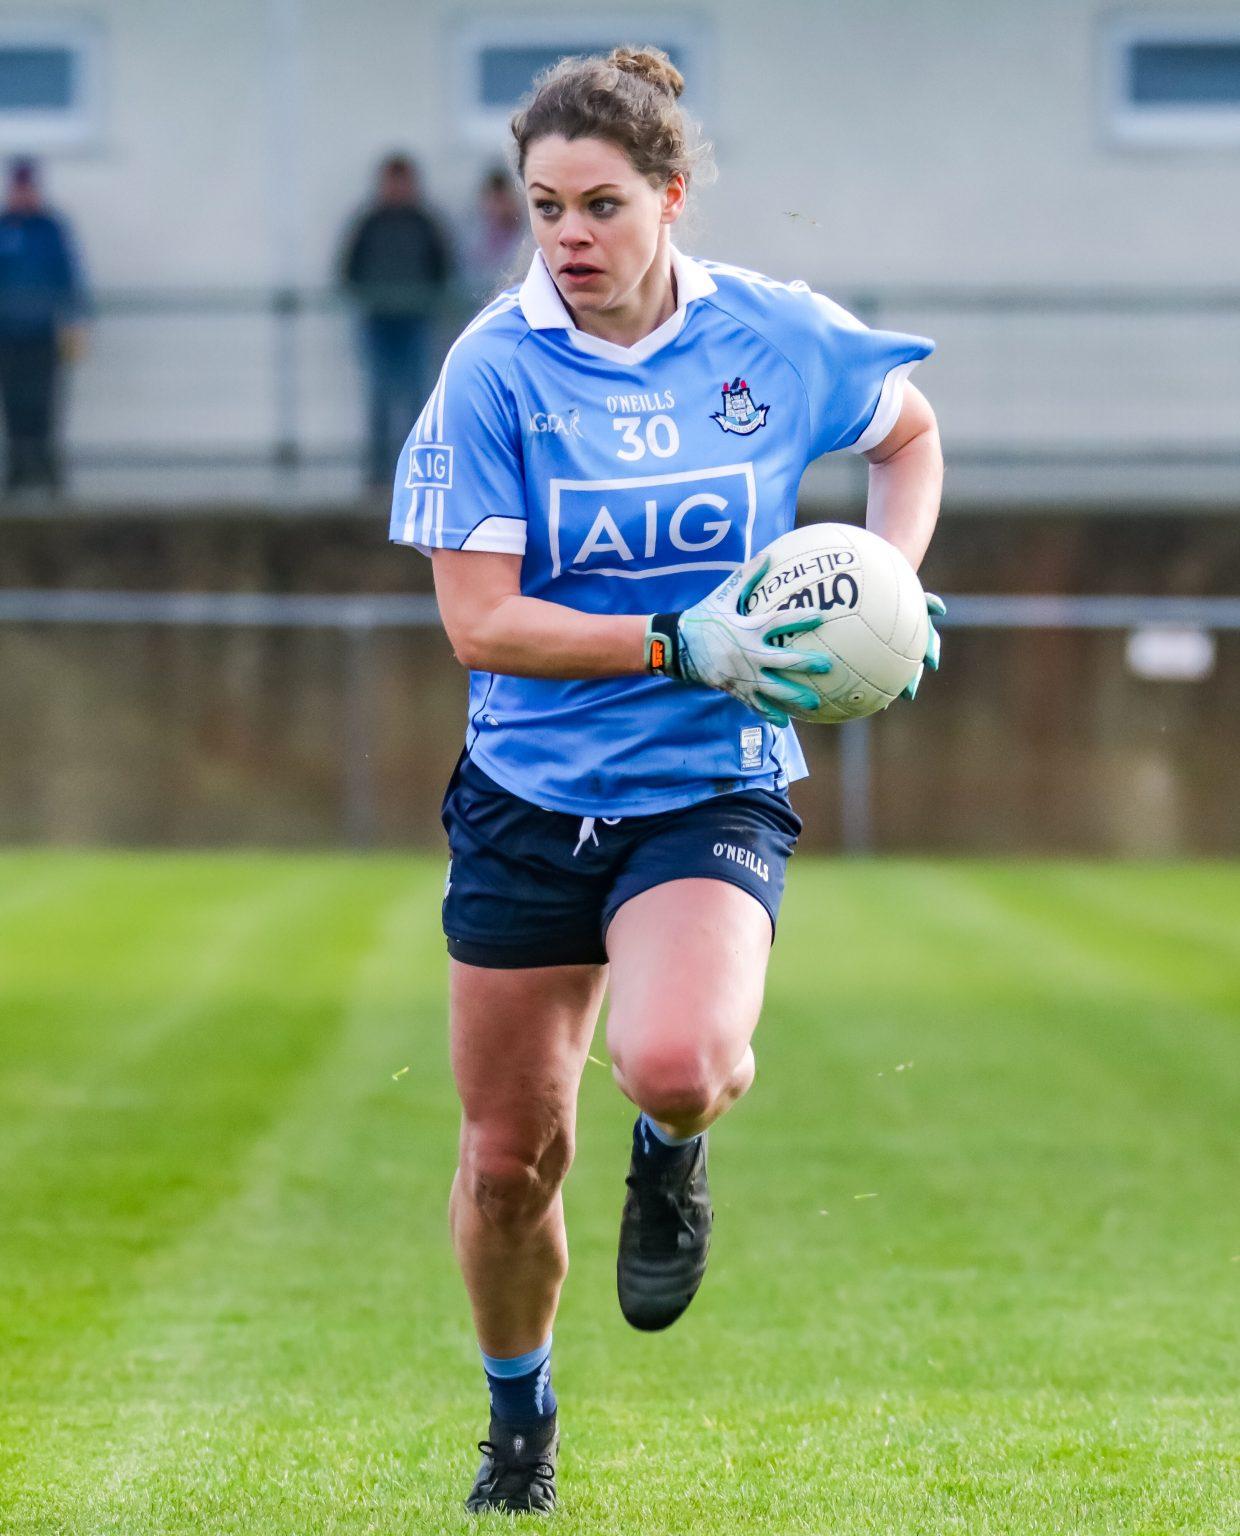 Dublin's Noelle Healy In Action Against Westmeath In Last Weeks Lidl Ladies National Football League Game In Mullingar.